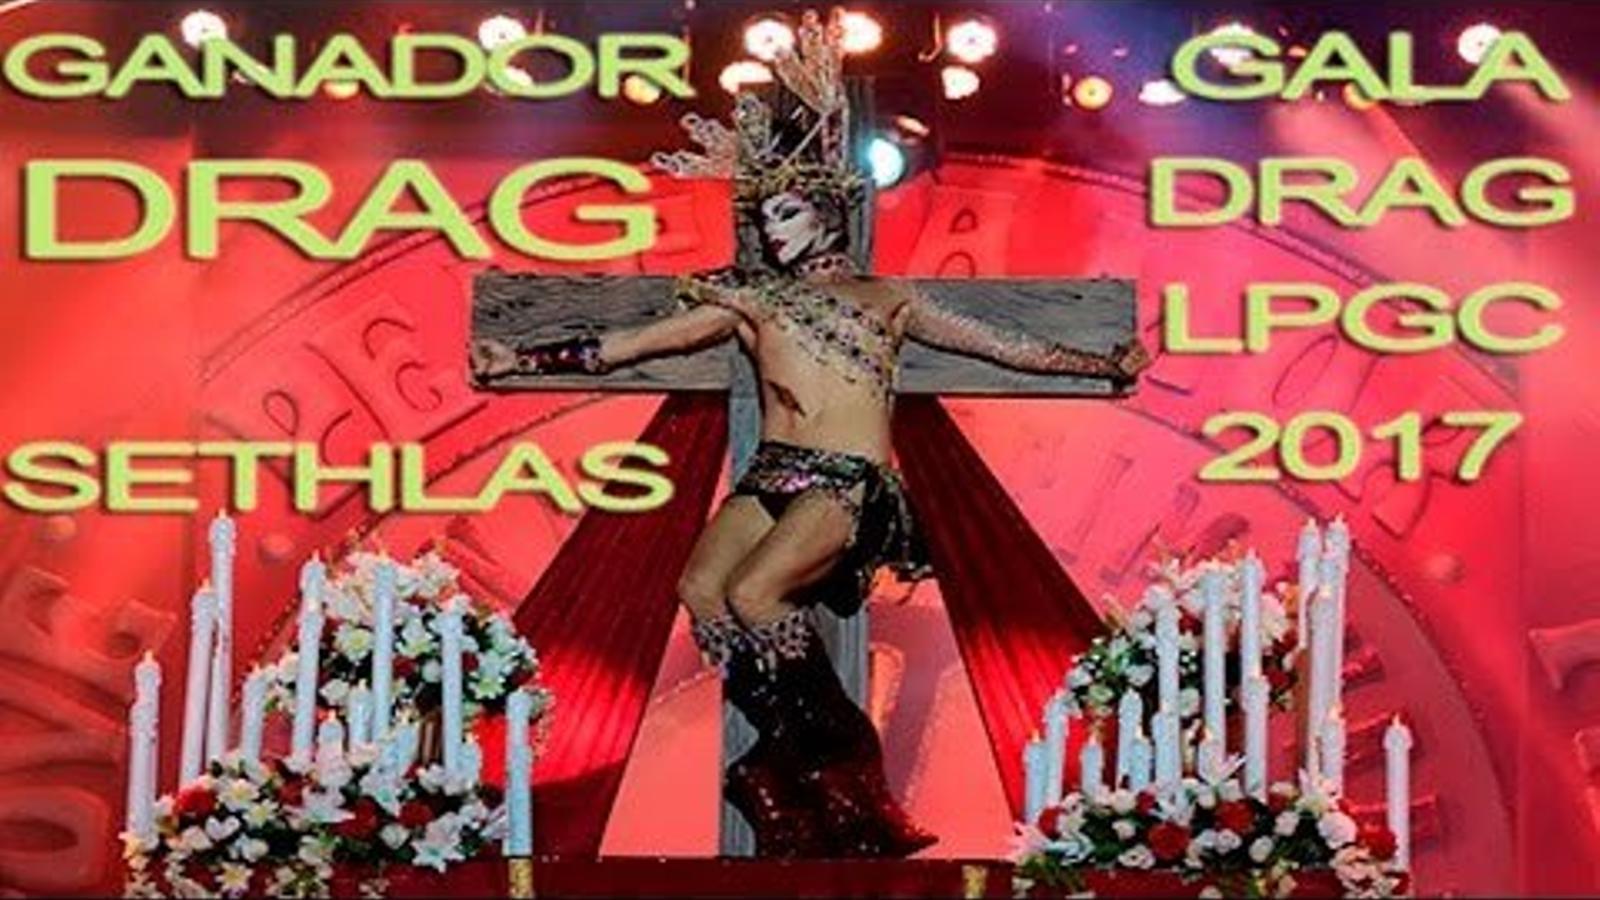 Actuació de la 'drag queen' Sethlas